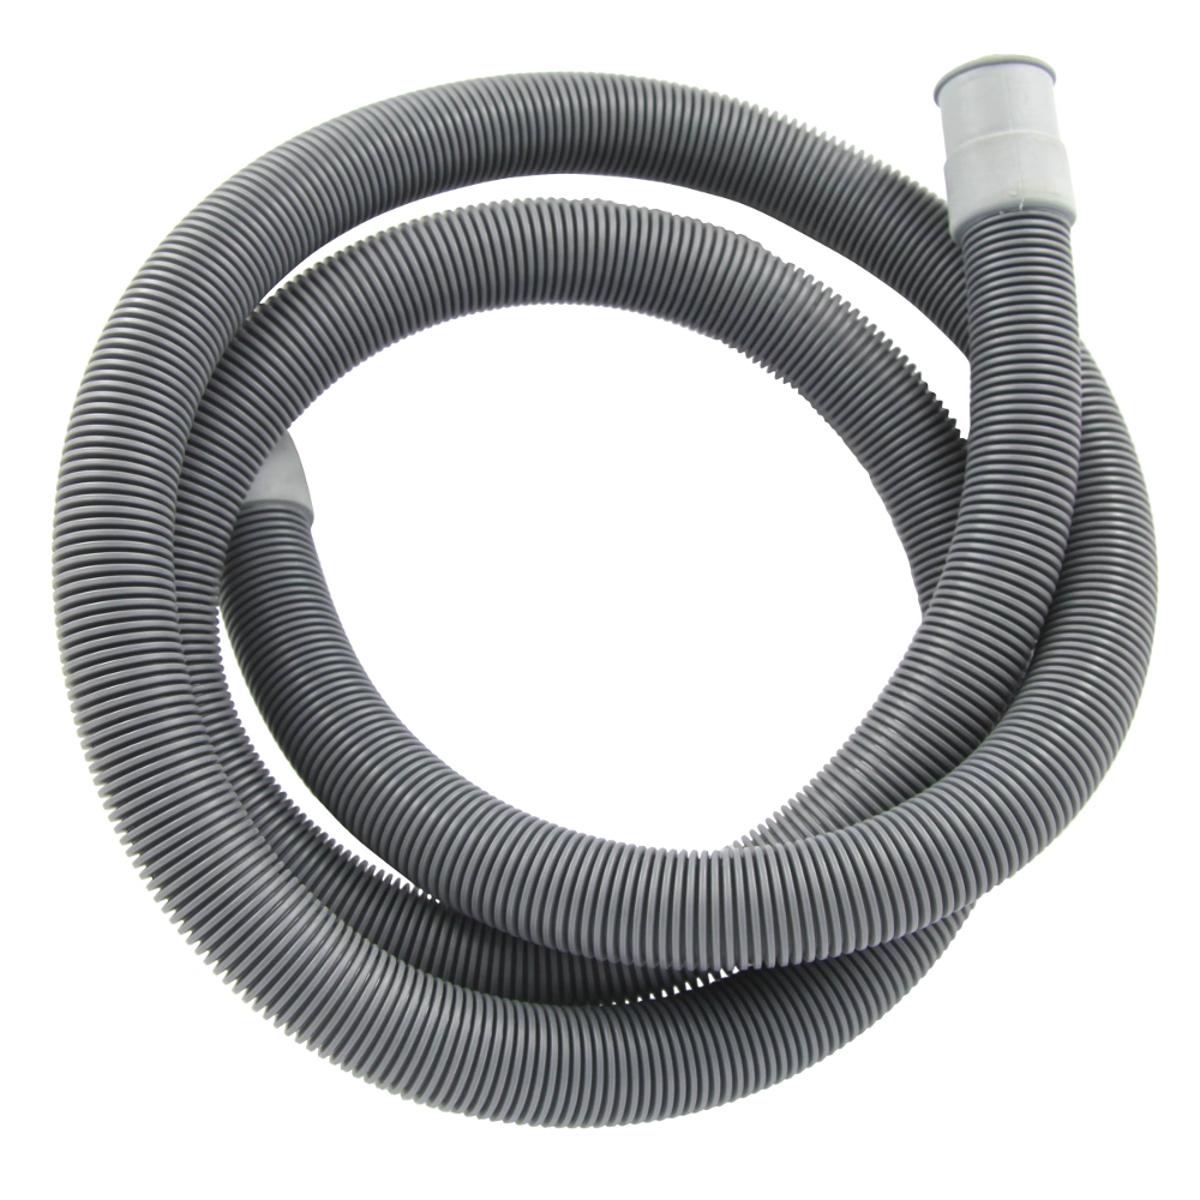 Шланг сливной для стиральной машины, 2м ЗИП-ФЛЕКС